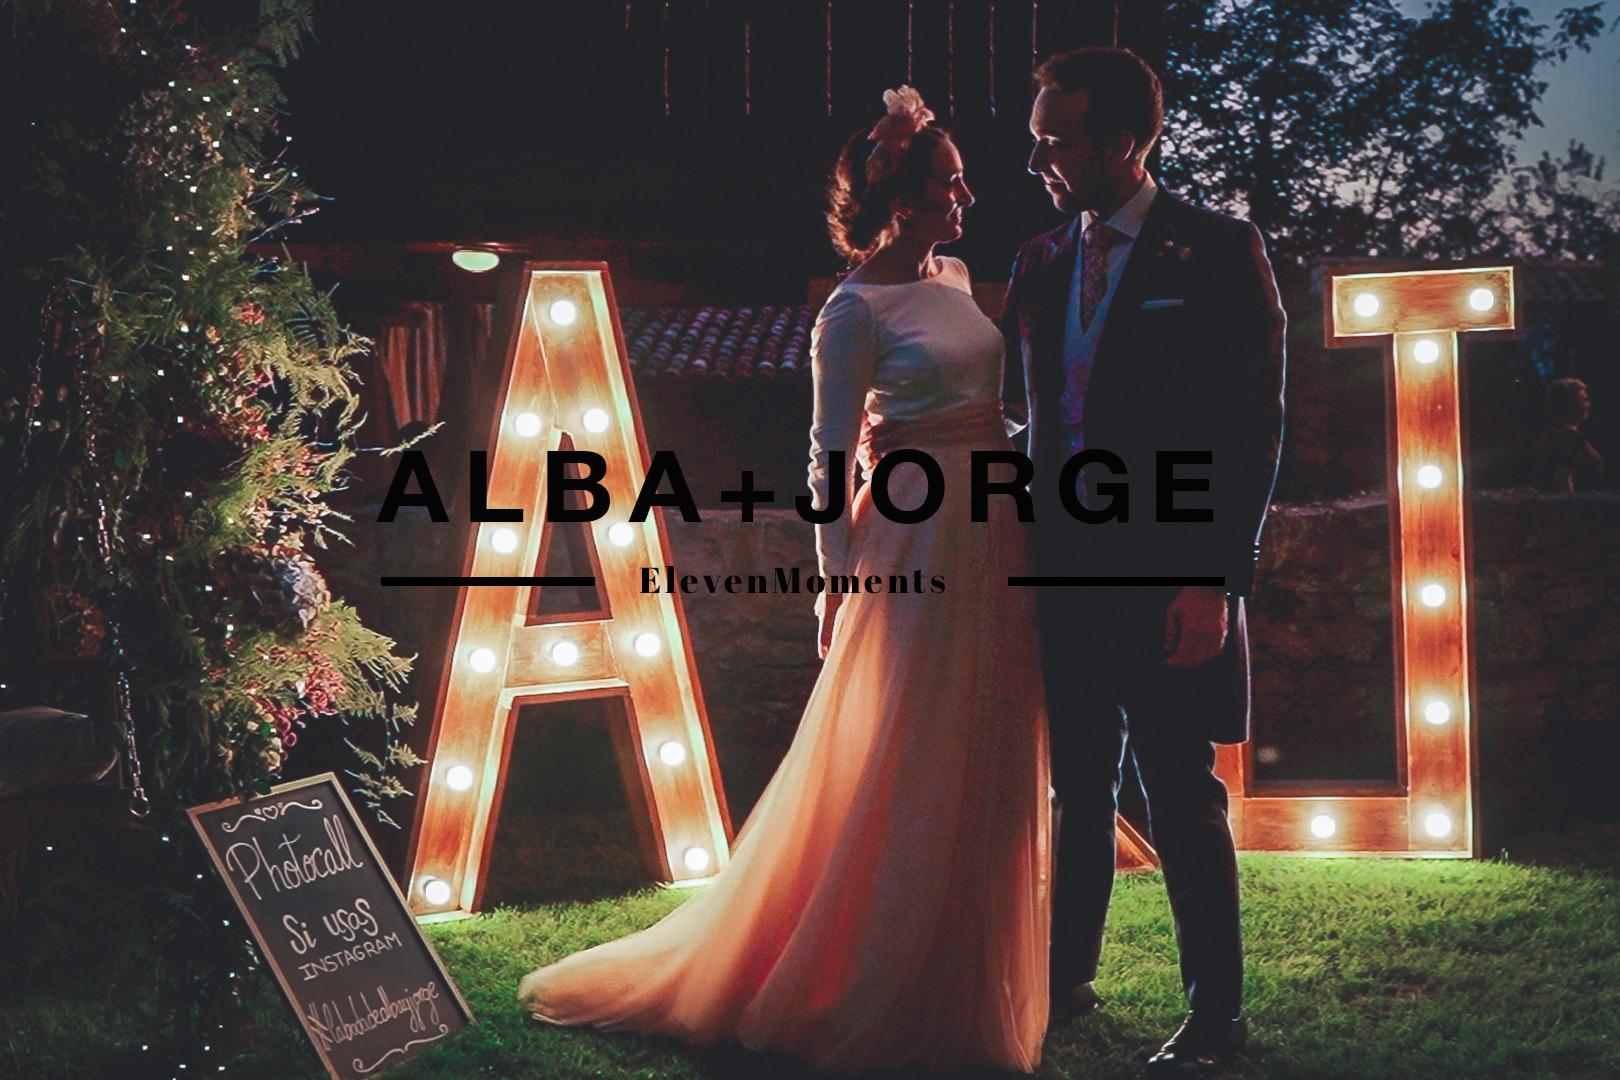 Alba+Jorge : videos de boda : Eleven Moments - david fernandez- palacio de meres - lorena carbajal - barbareando - bodas en asturias - marcos luengo - videografo - flores el invernadero